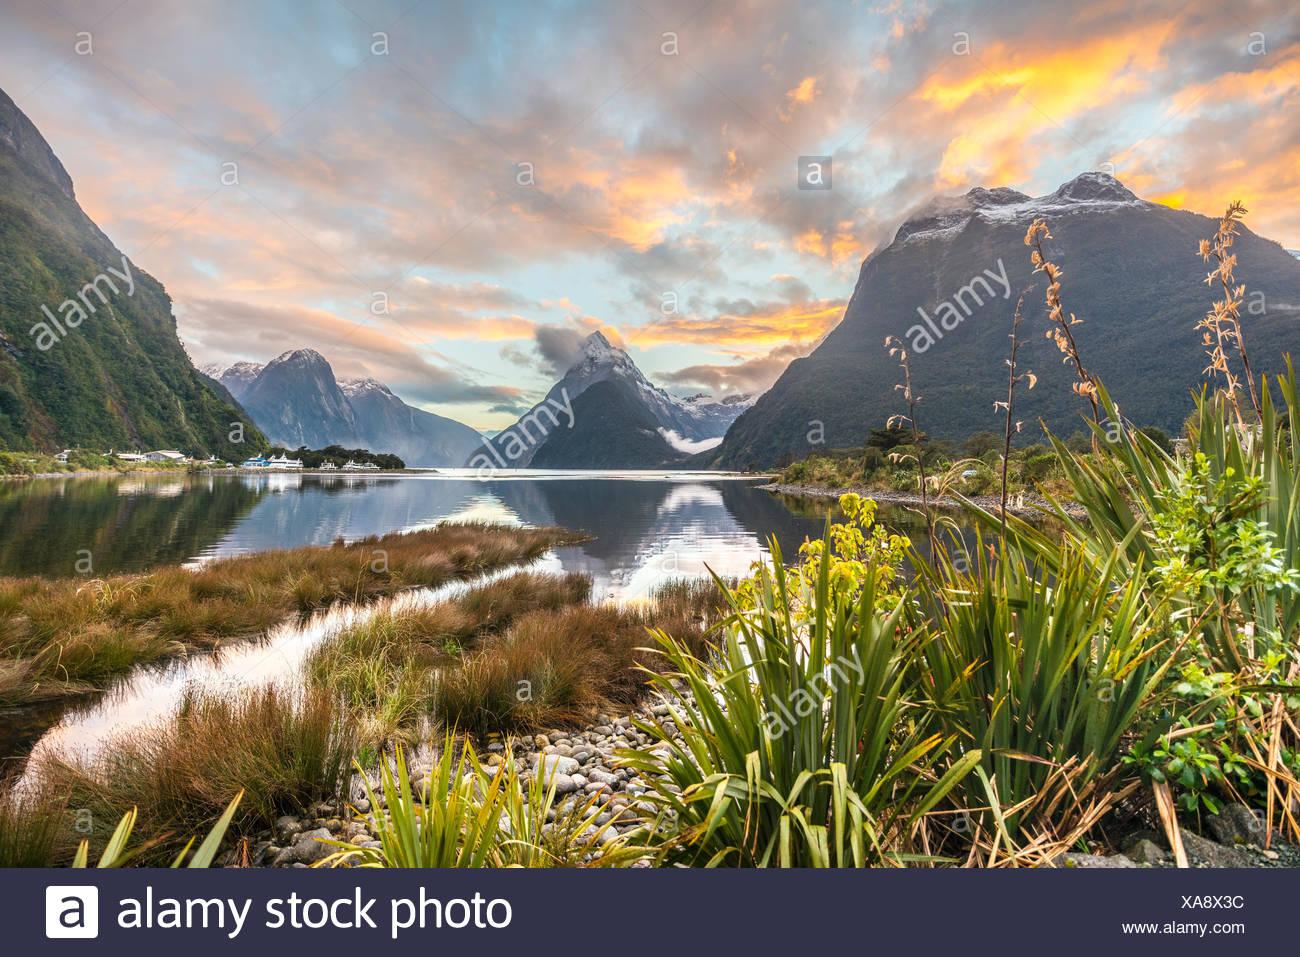 Mitre Peak, Tramonto, Milford Sound, Parco Nazionale di Fiordland, Te Anau, Regione del Southland, Southland, Nuova Zelanda, Oceania Immagini Stock